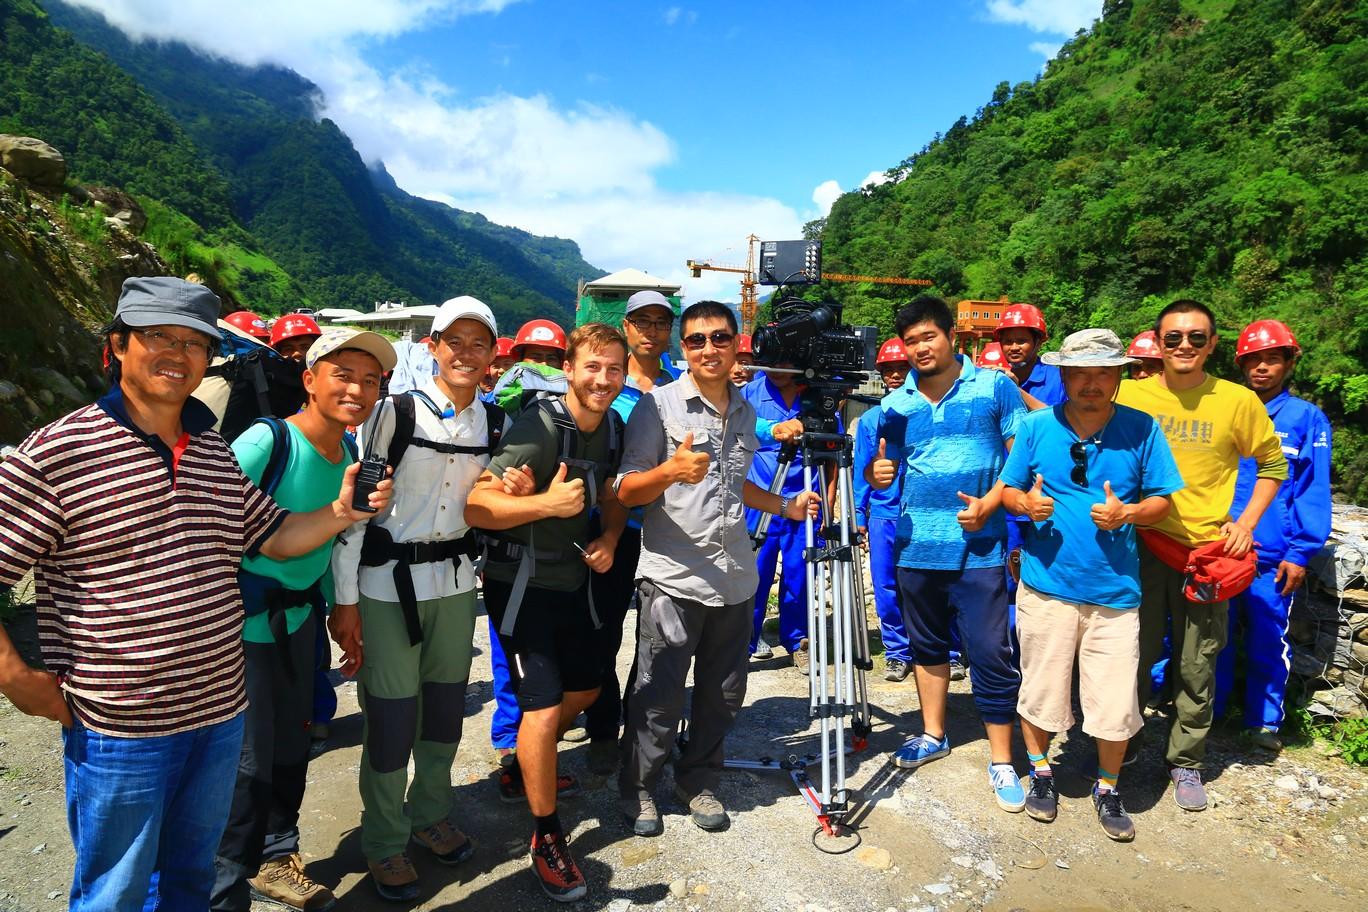 Wir werden gefilmt für chinesische Dokumentation